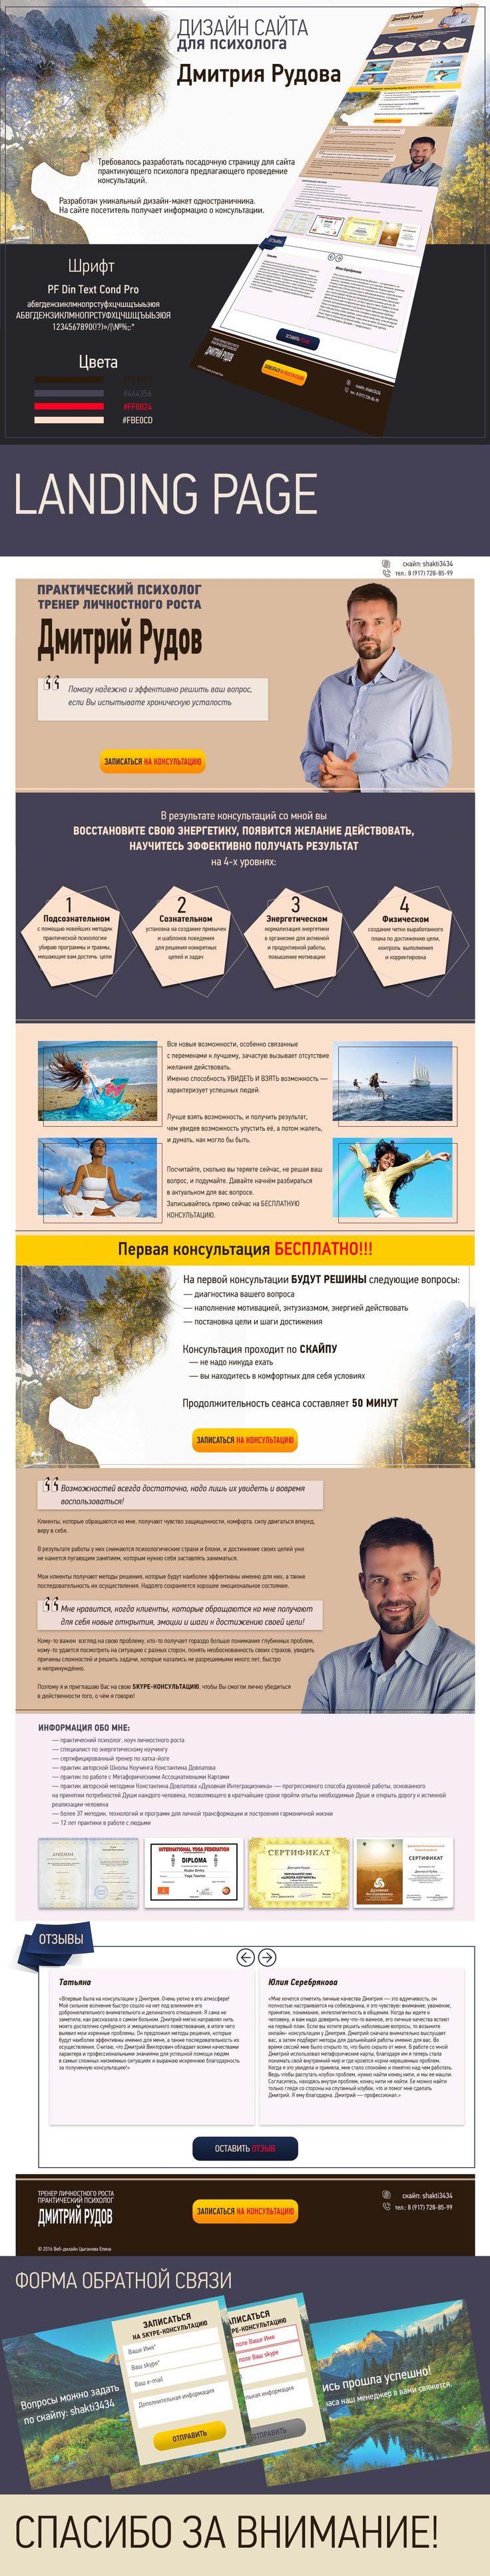 Веб-дизайн - Landing Page для психолога — Работа №2 — Портфолио фрилансера Елена Цыганова (ElenaTsyganova)